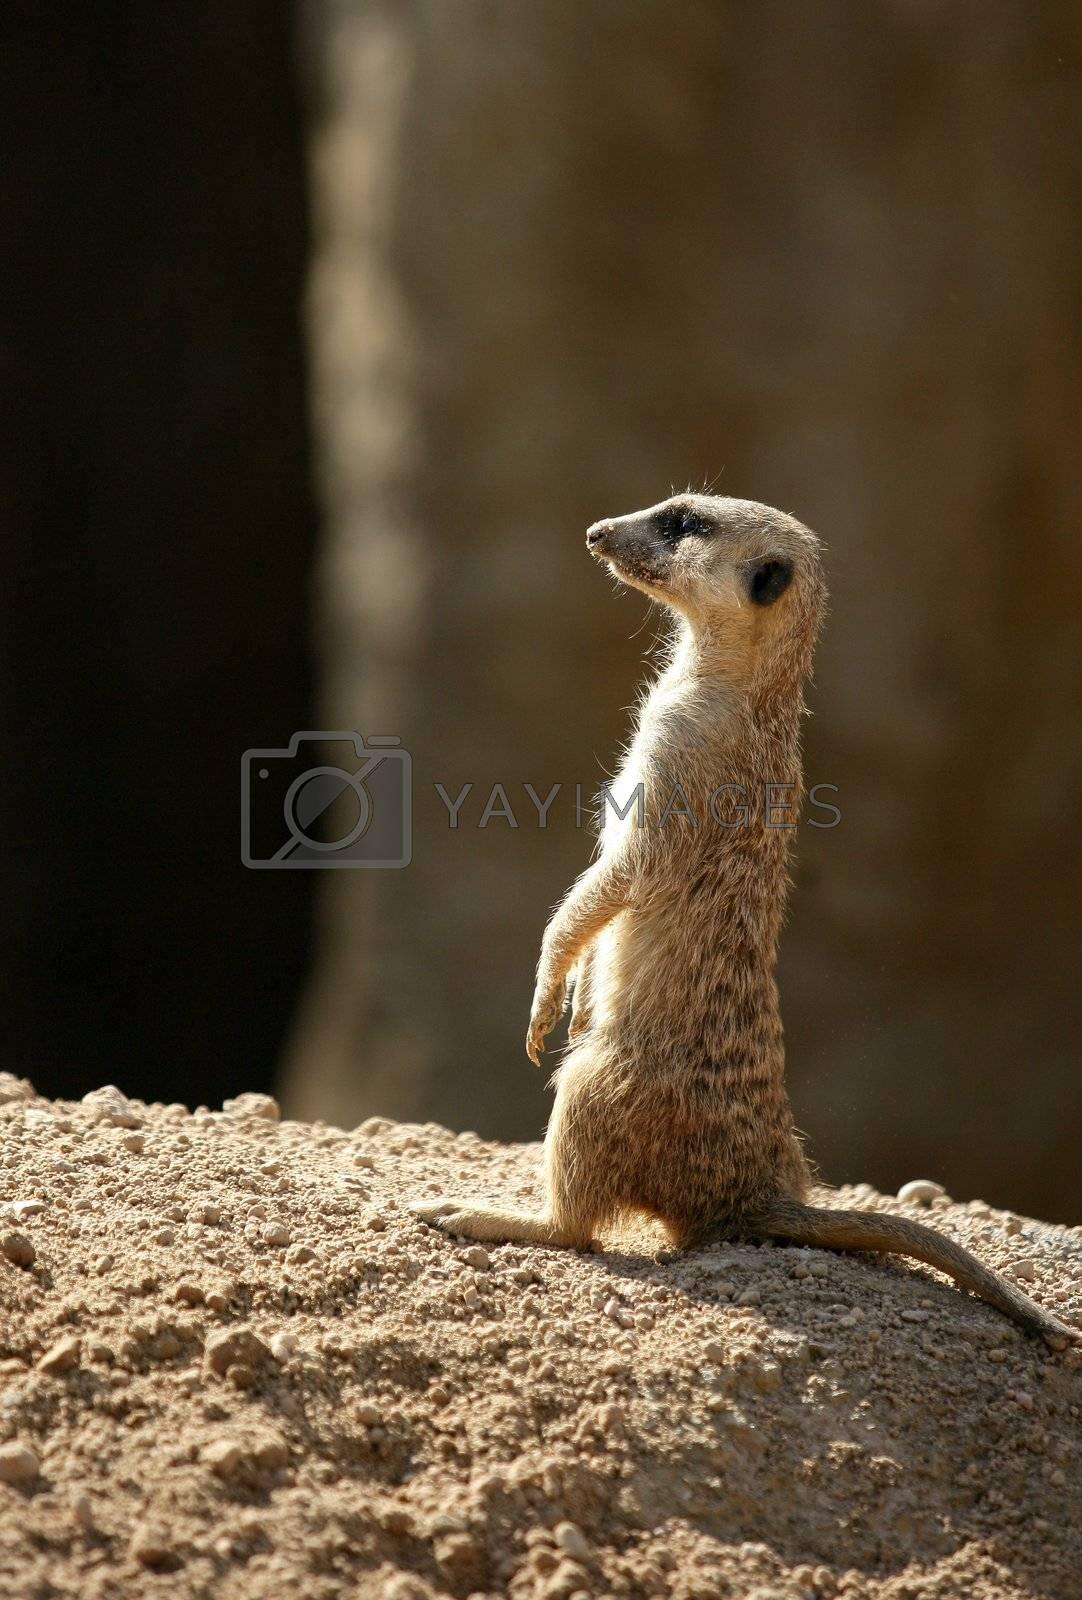 Royalty free image of African suricata standing alert by lunamarina